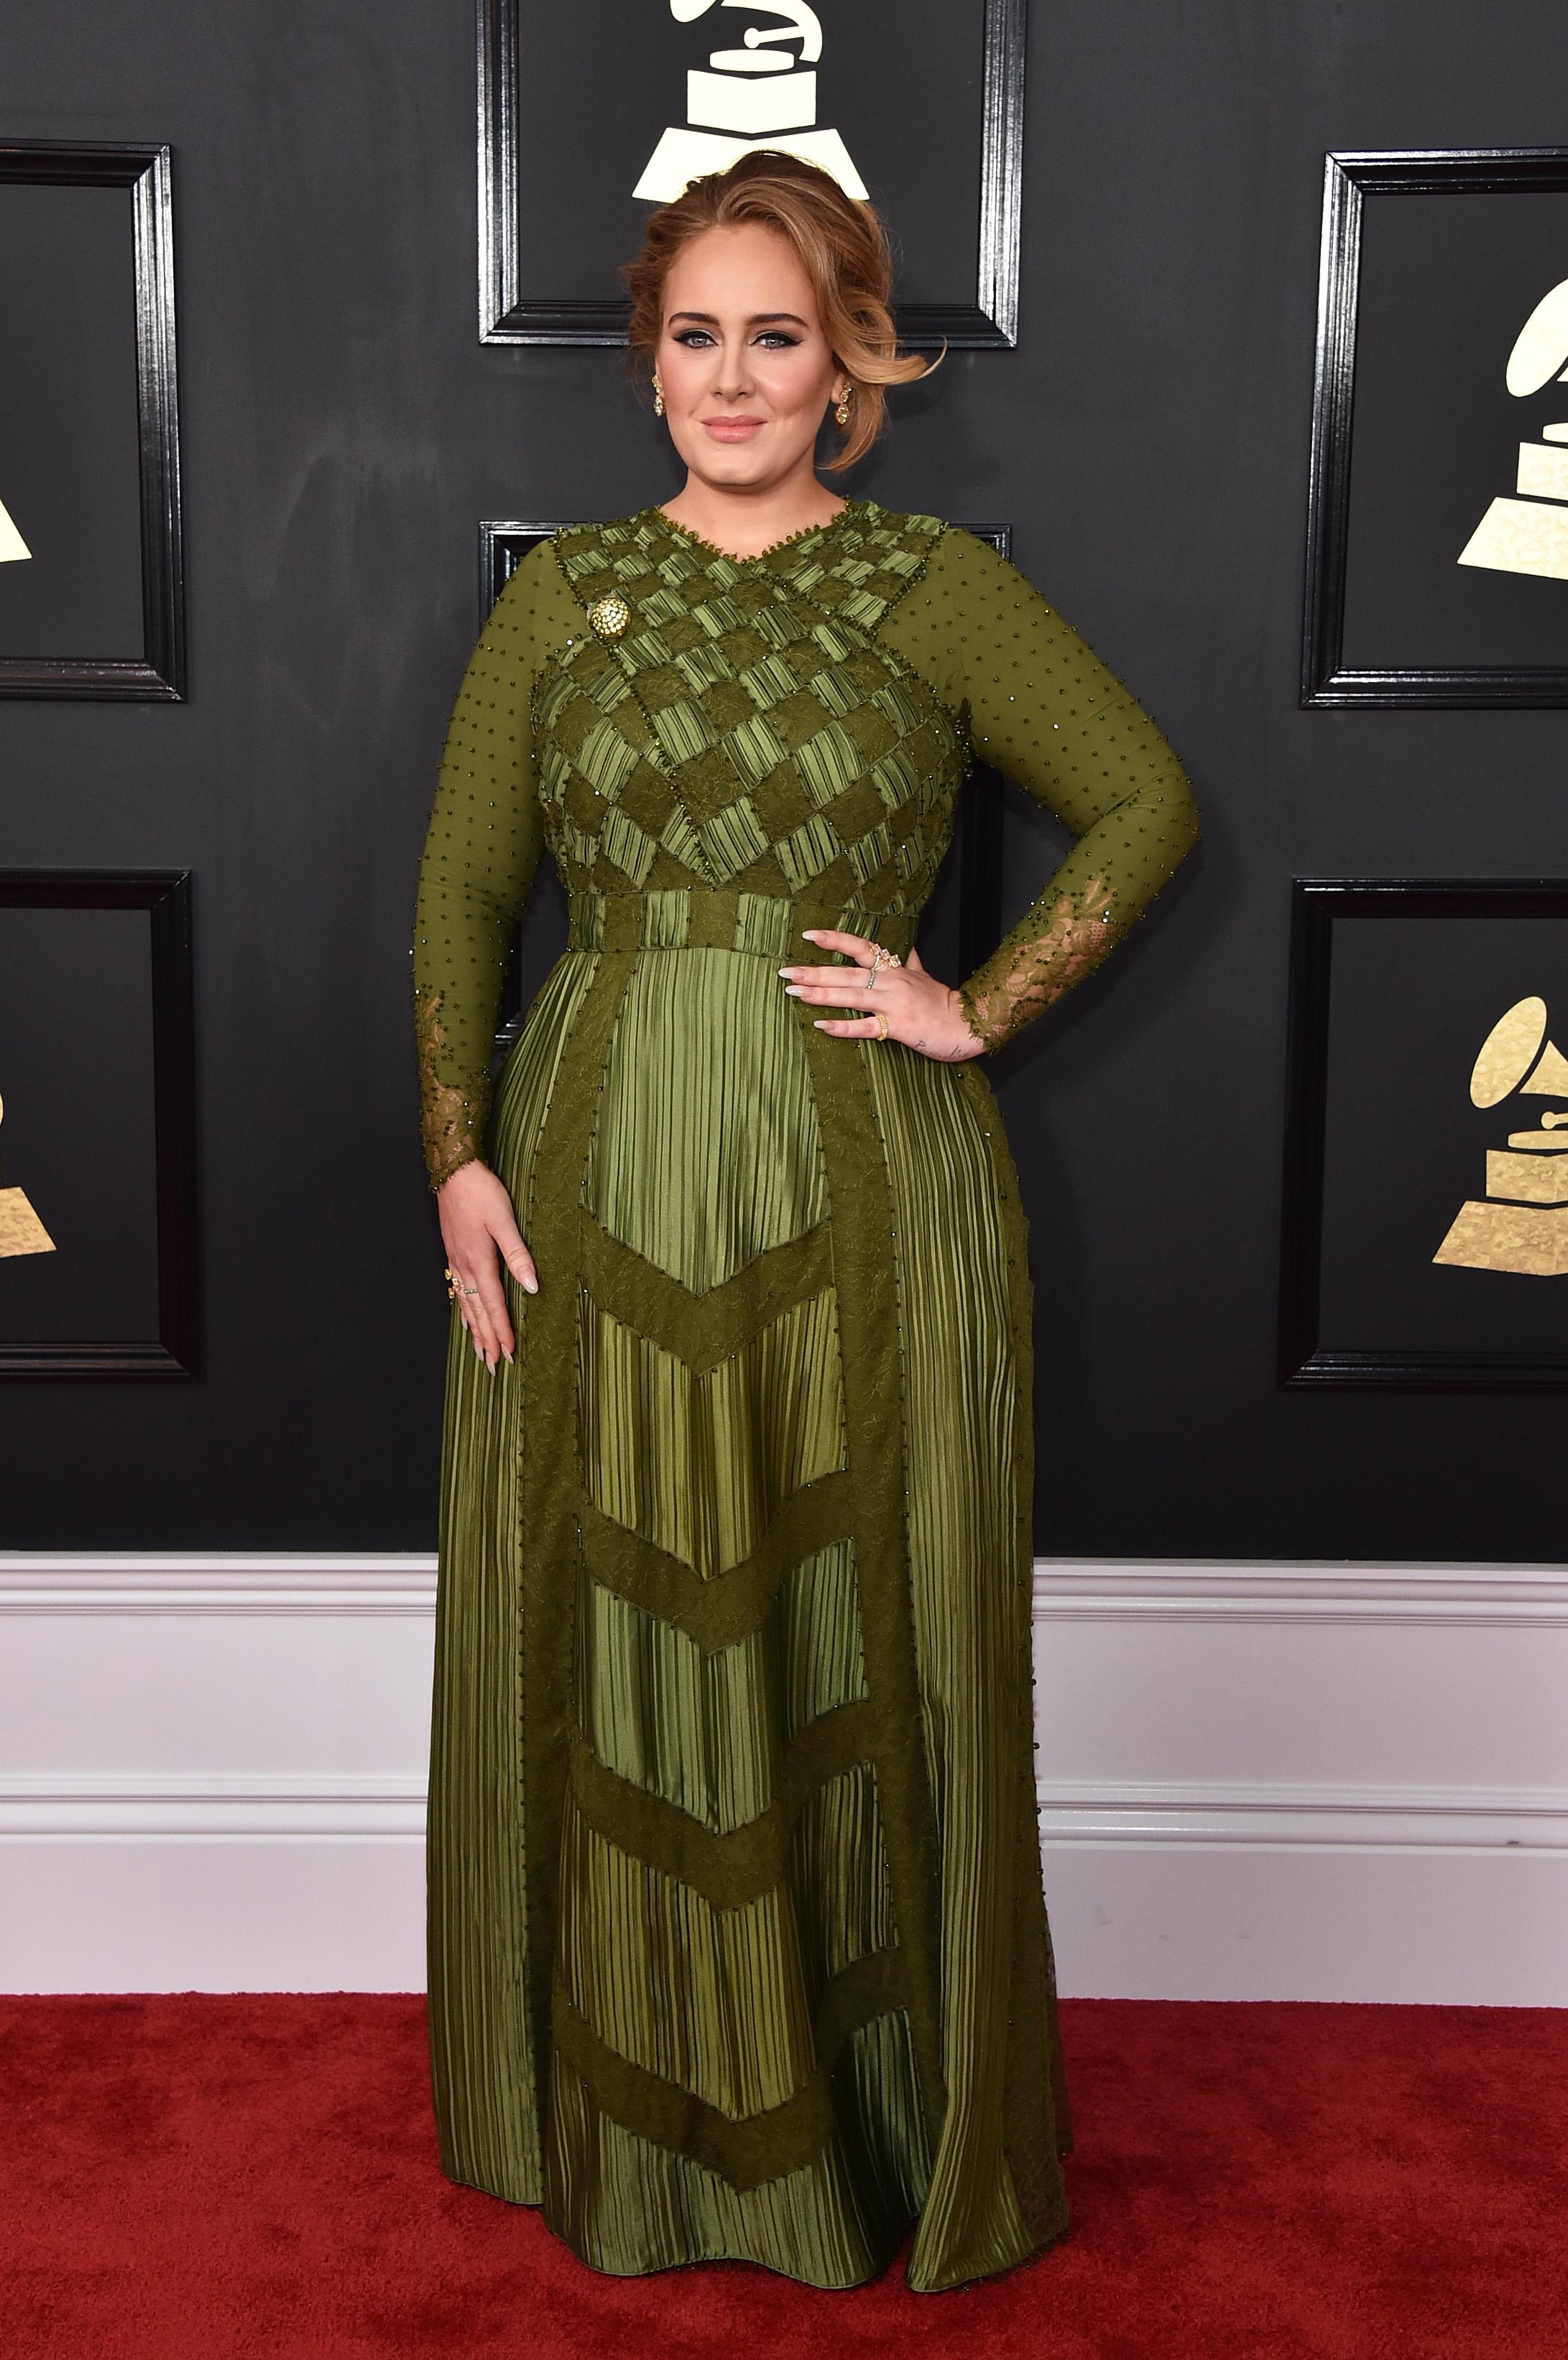 Adele Grammy Awards 2017